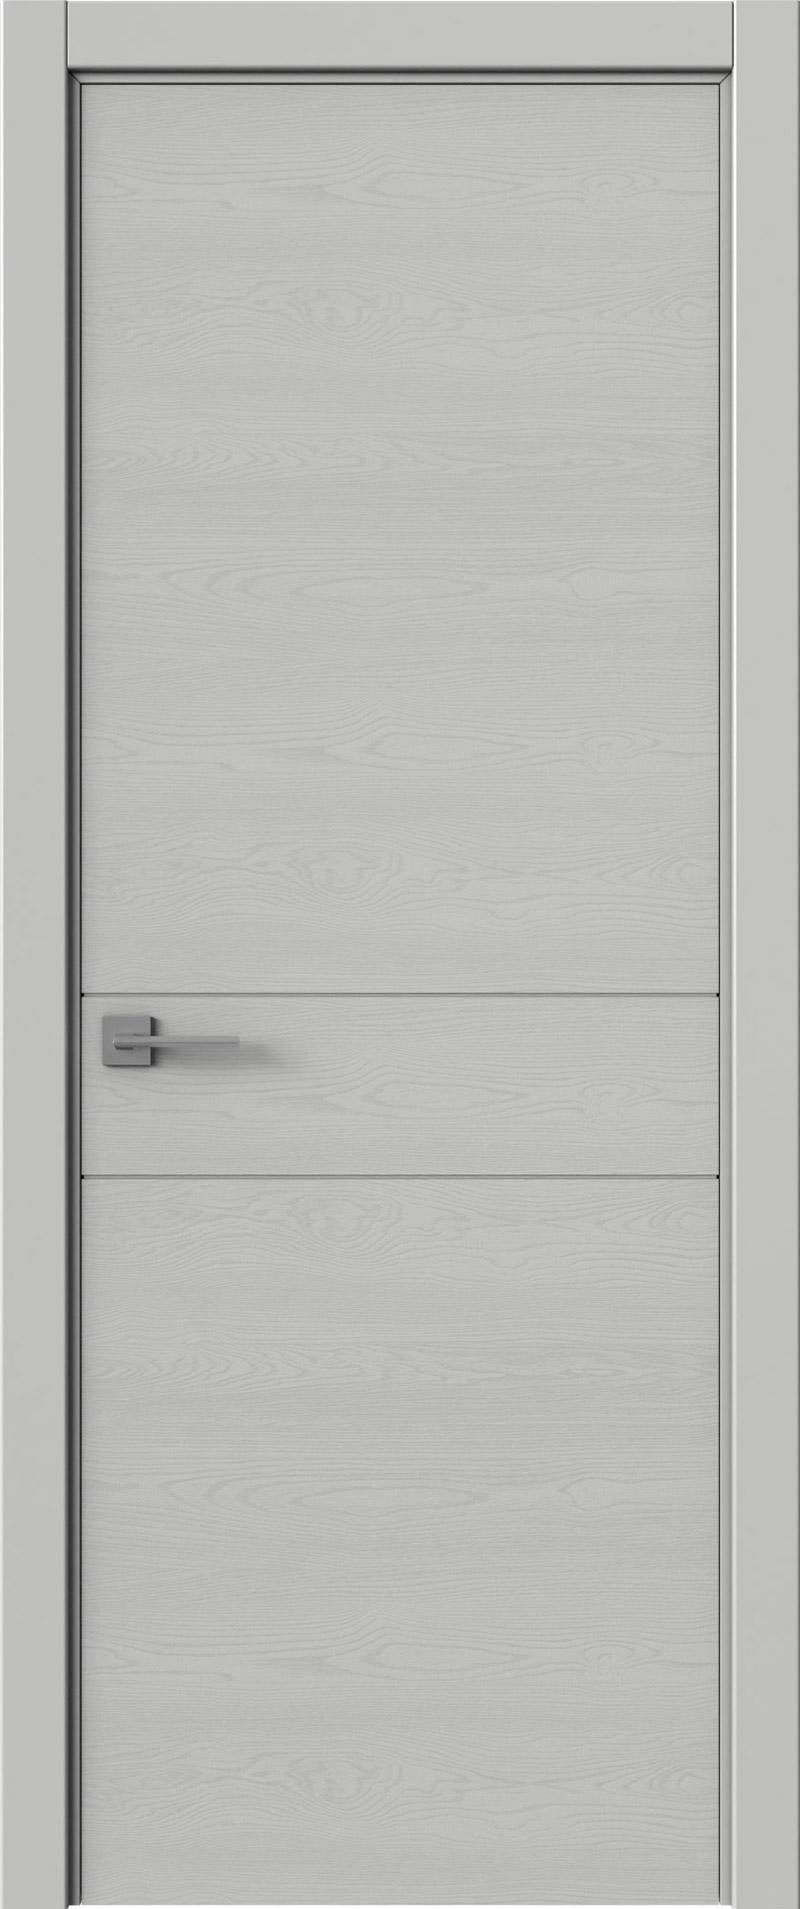 Tivoli И-2 цвет - Серая эмаль по шпону (RAL 7047) Без стекла (ДГ)